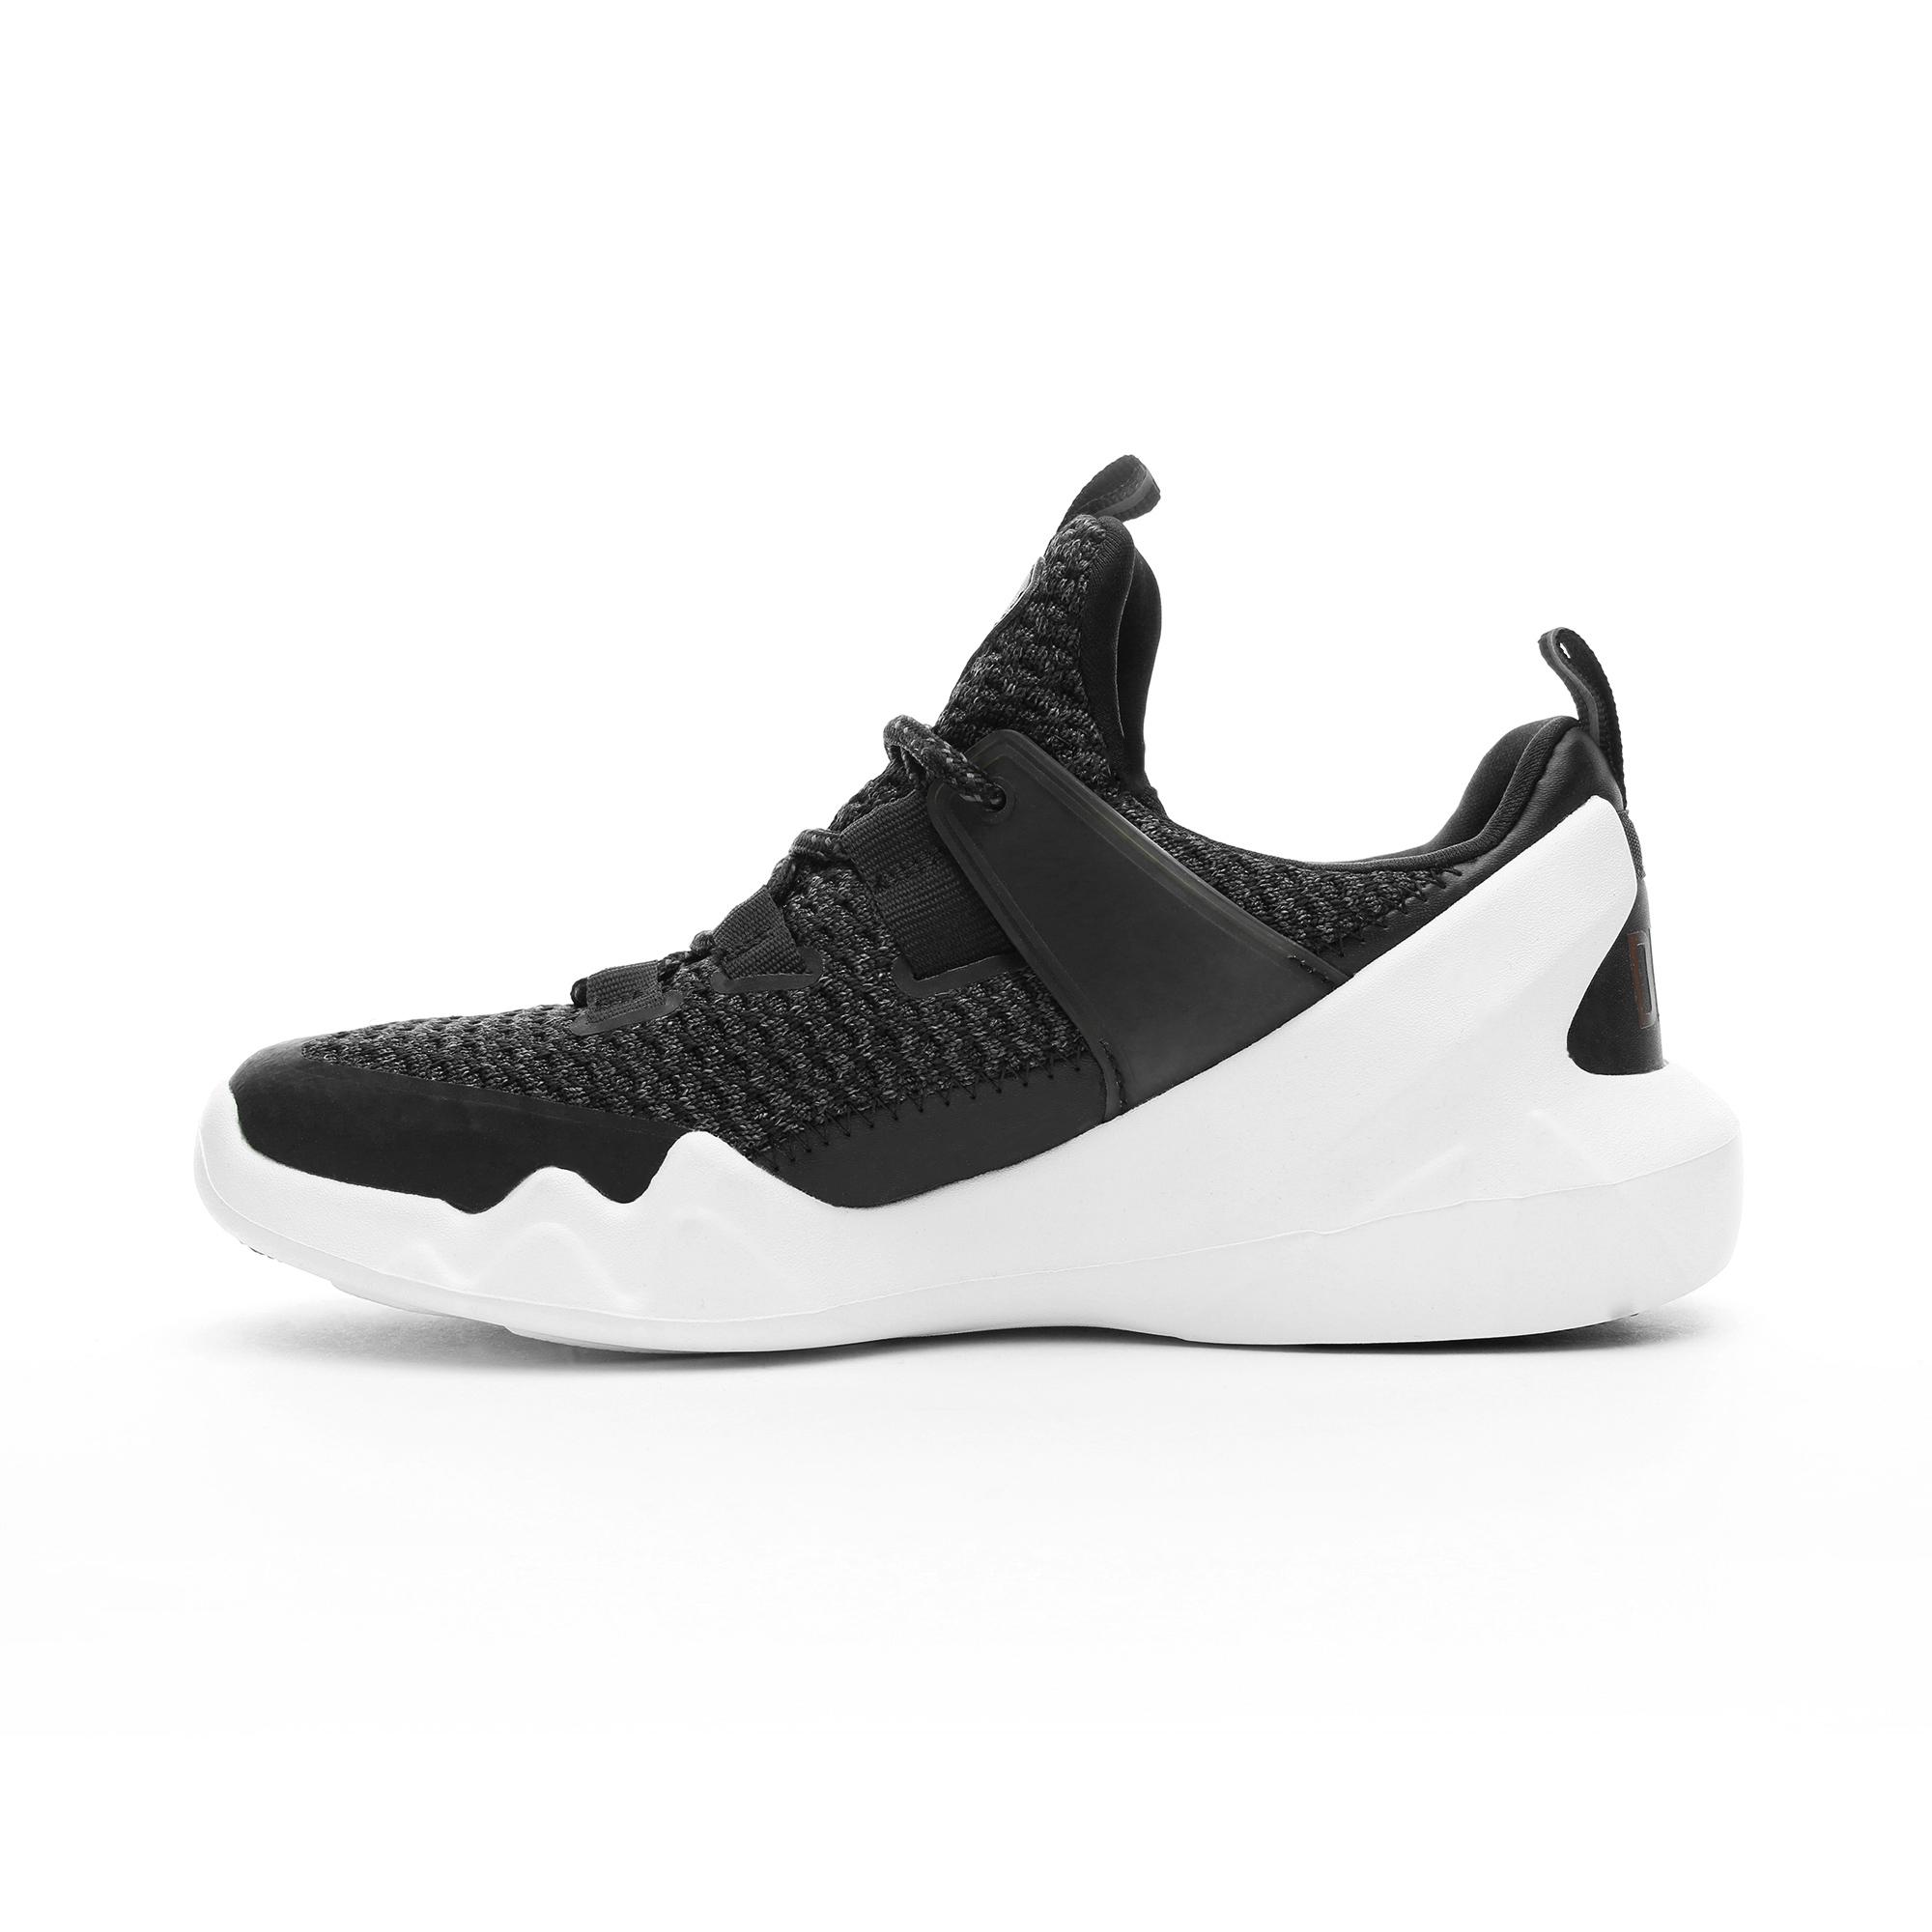 Skechers DLT-A-Locus Siyah Kadın Spor Ayakkabı